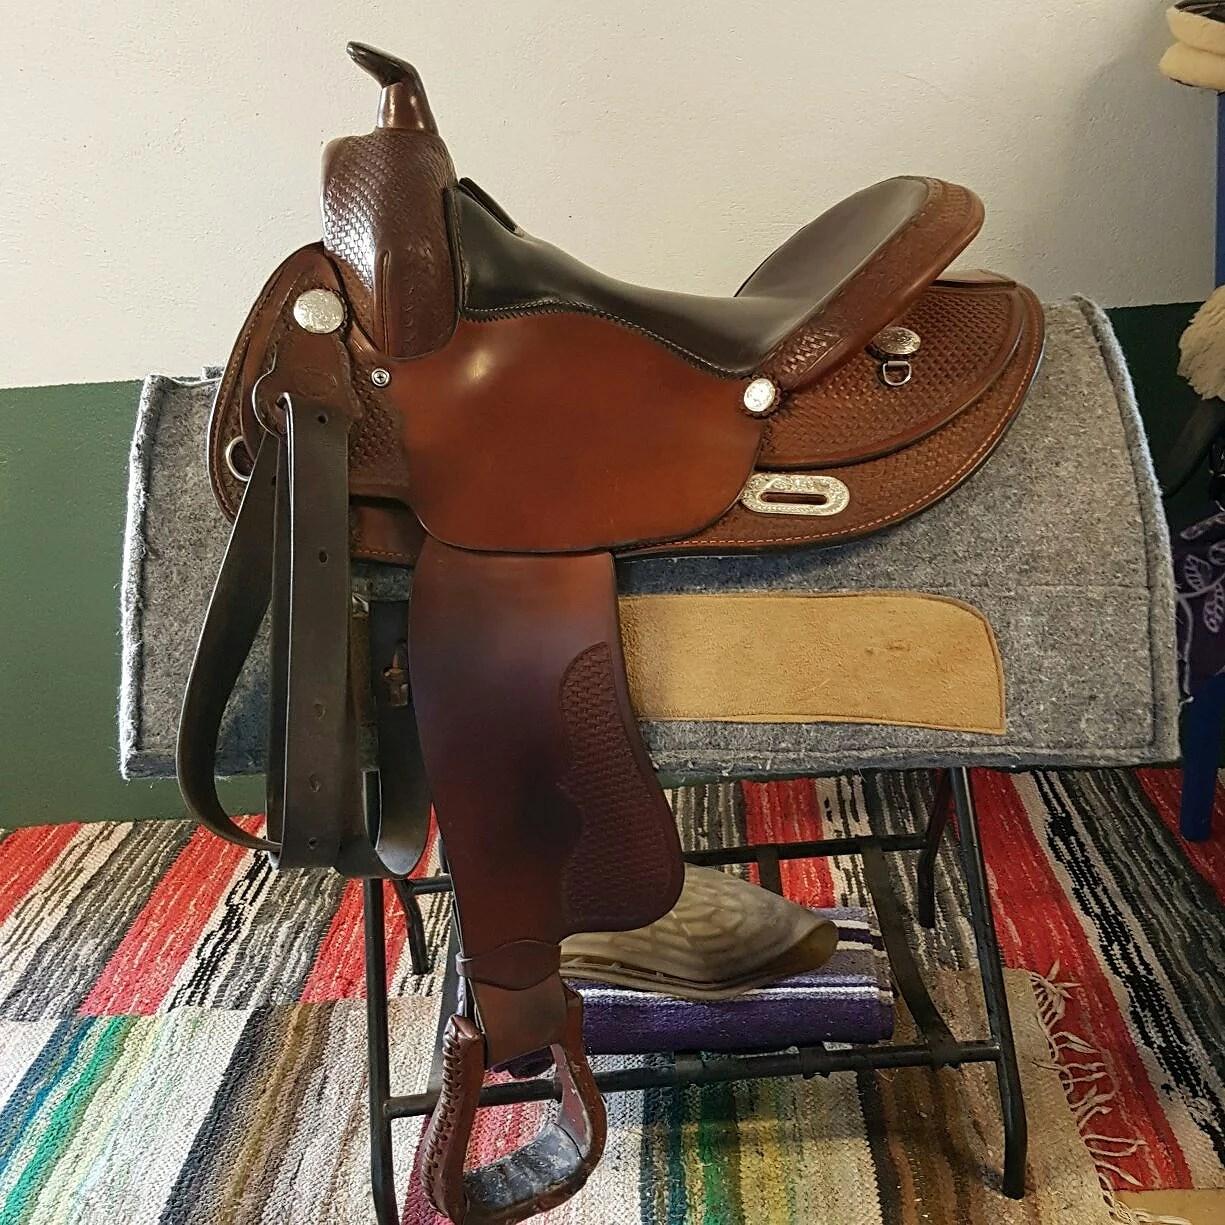 Idag skall jag pröva sadel